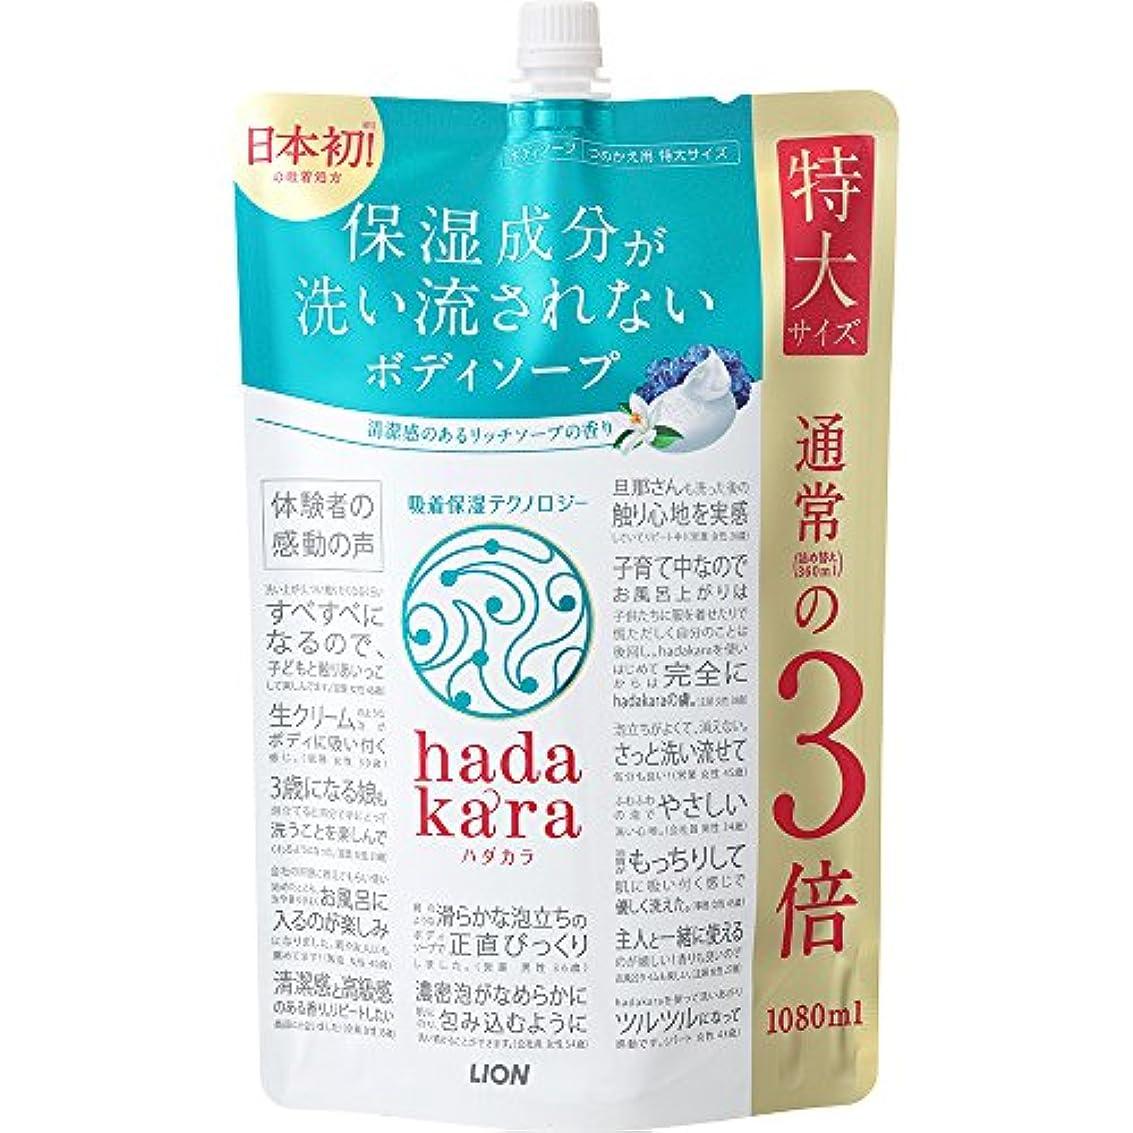 見分けるきしむ土地【大容量】hadakara(ハダカラ) ボディソープ リッチソープの香り 詰め替え 特大 1080ml